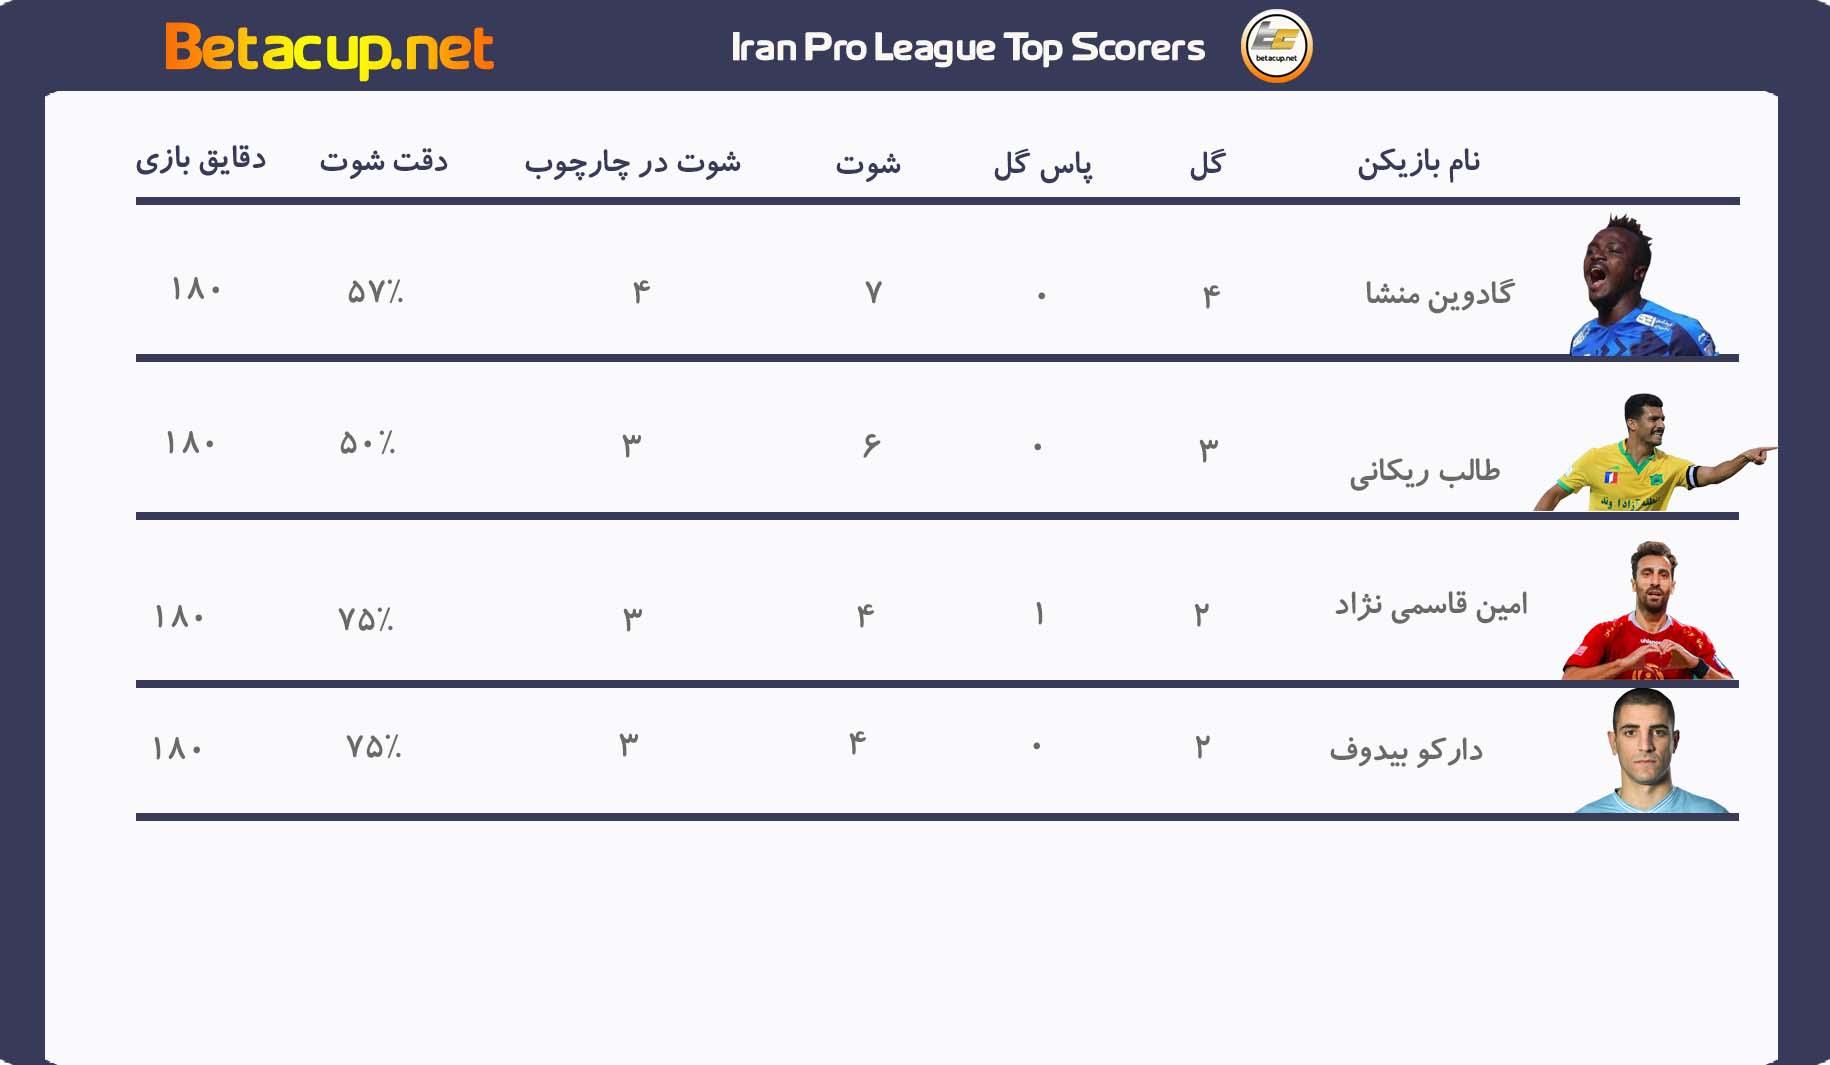 جدول گلزنان لیگ برتر ایران